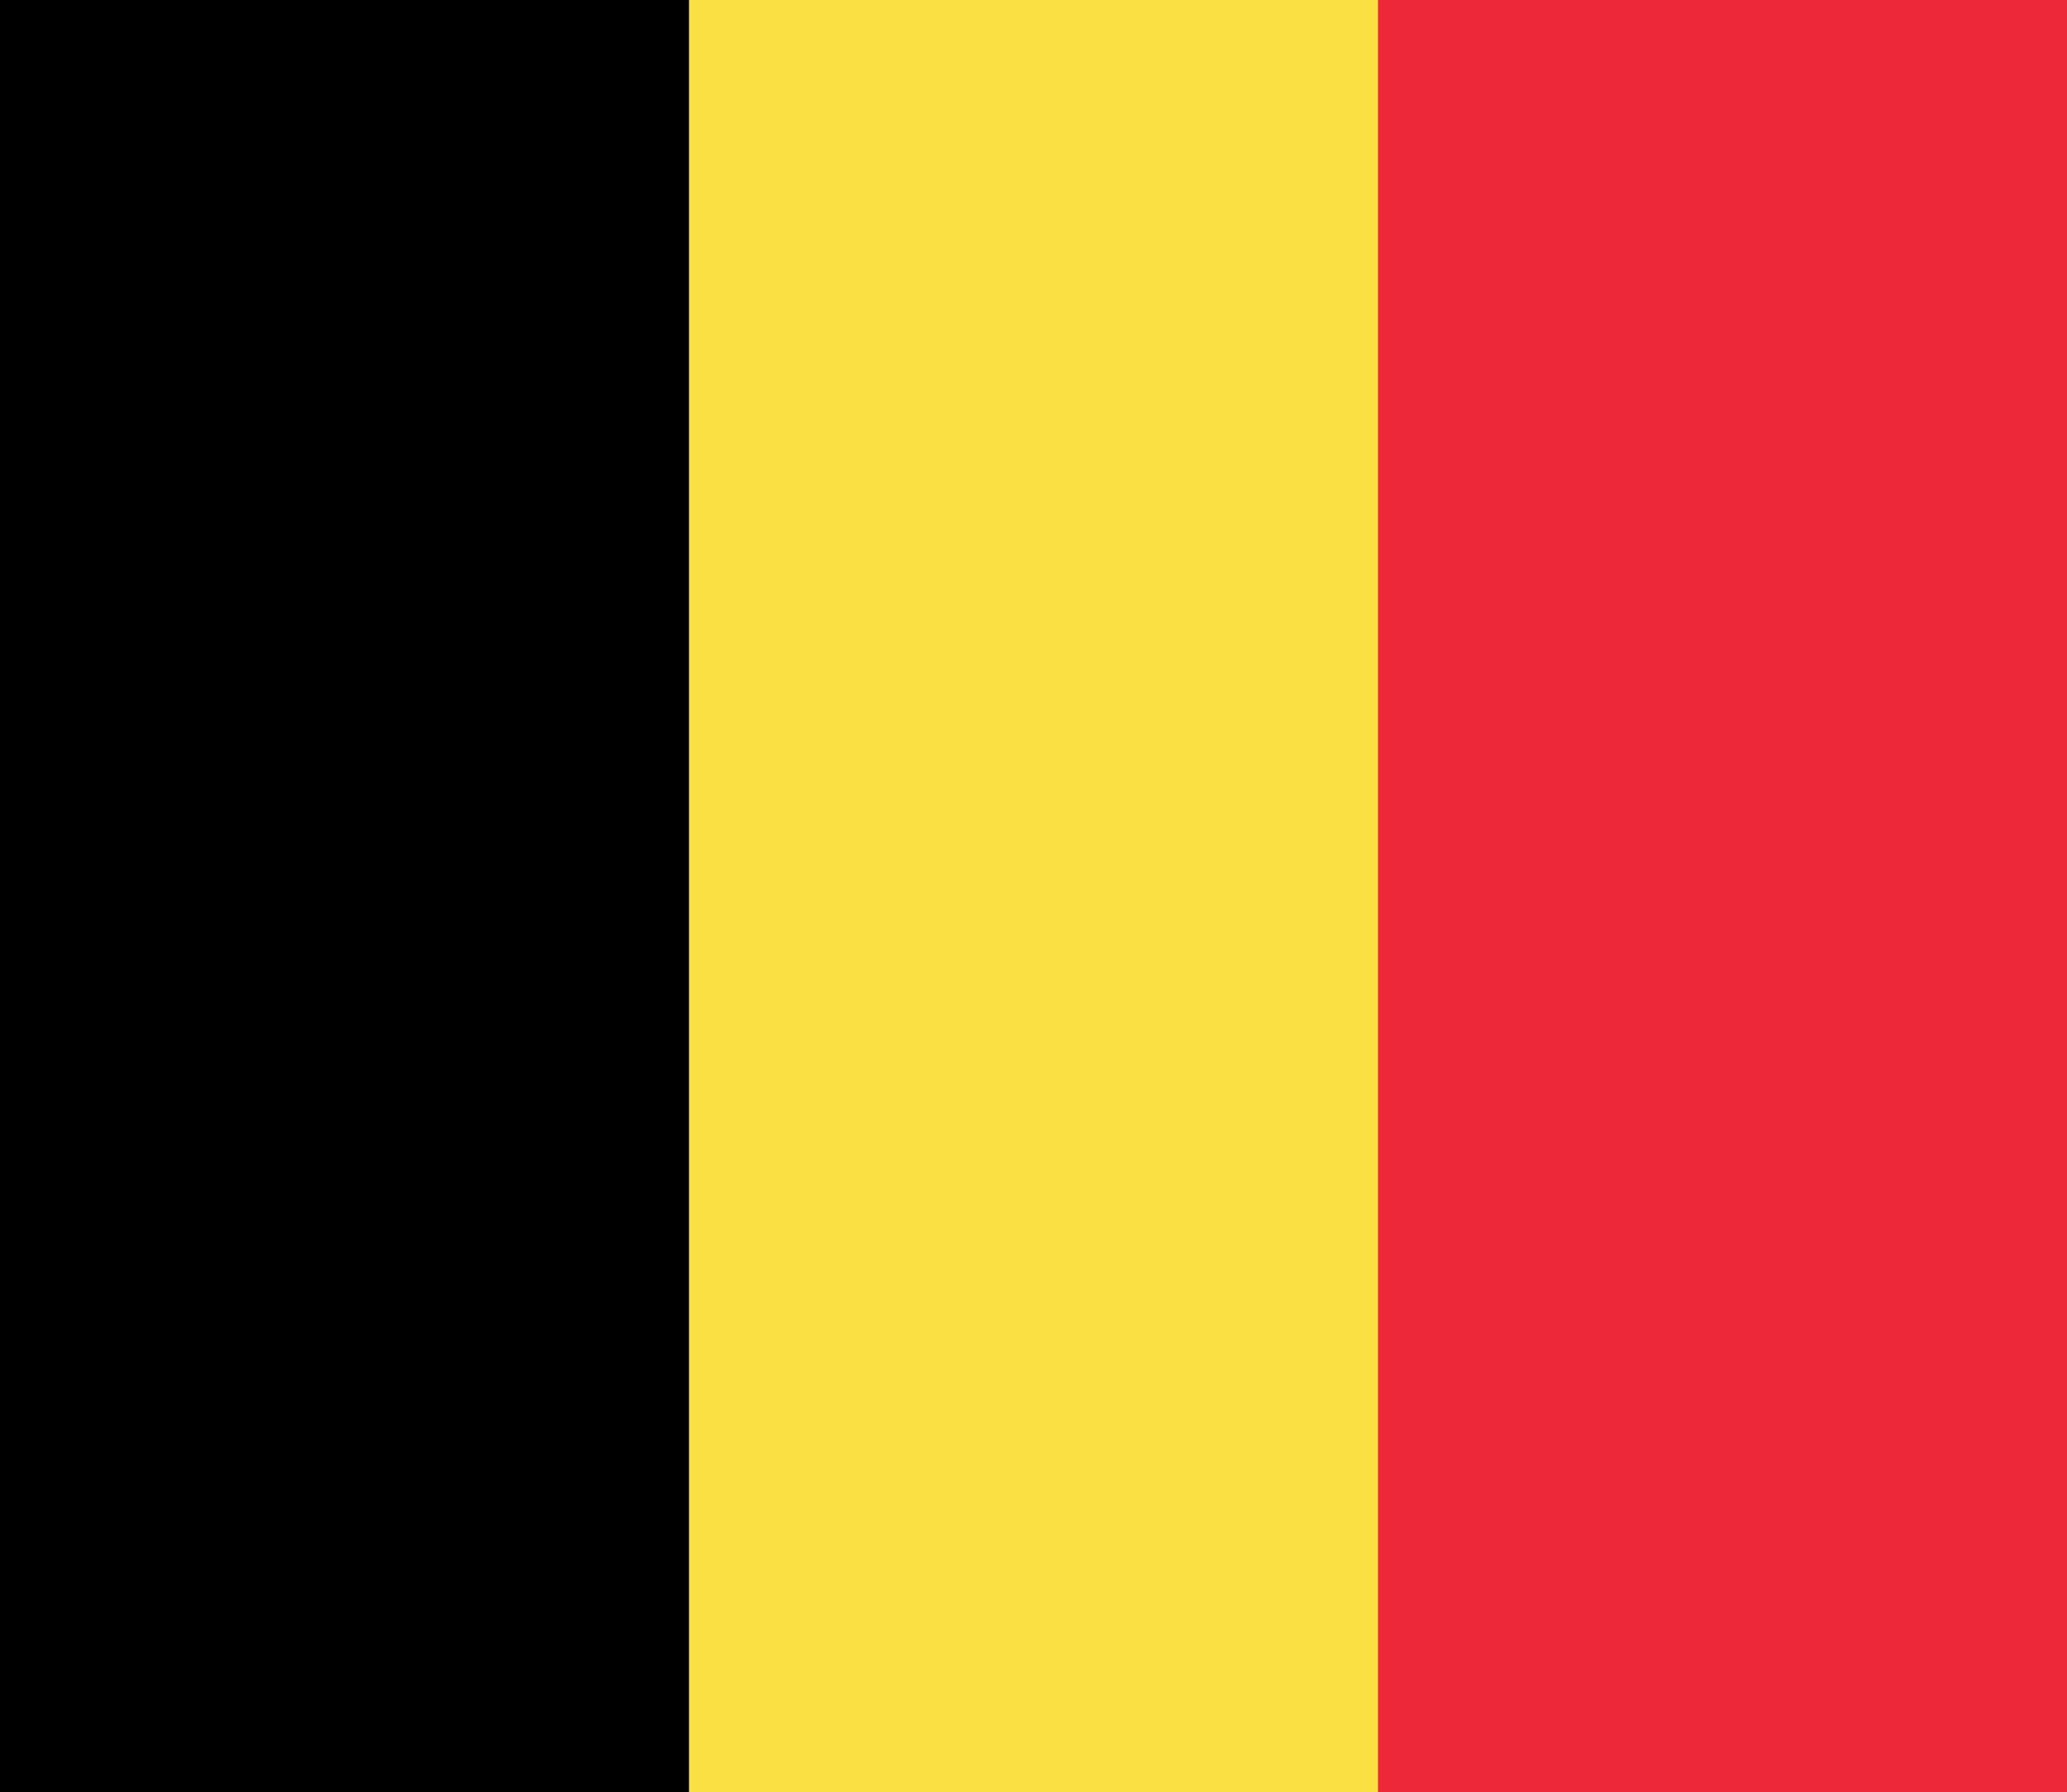 Σημαία Βελγίου